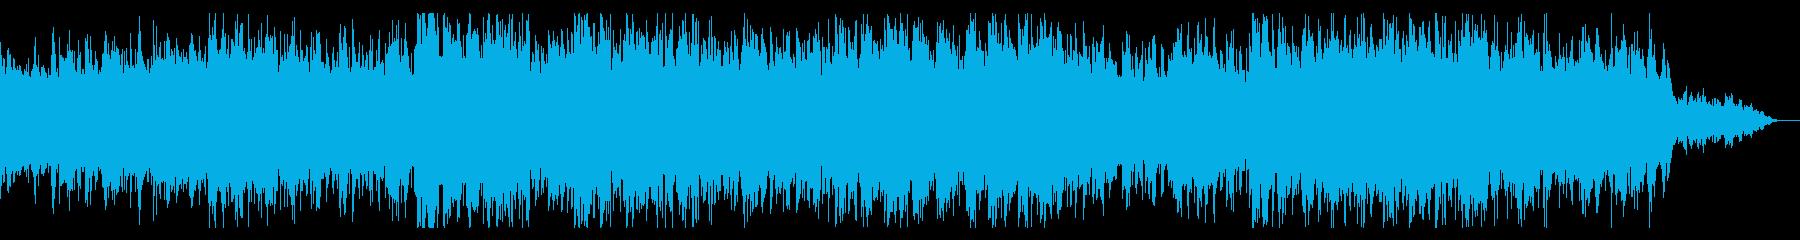 デジタルダークなテクスチャの再生済みの波形